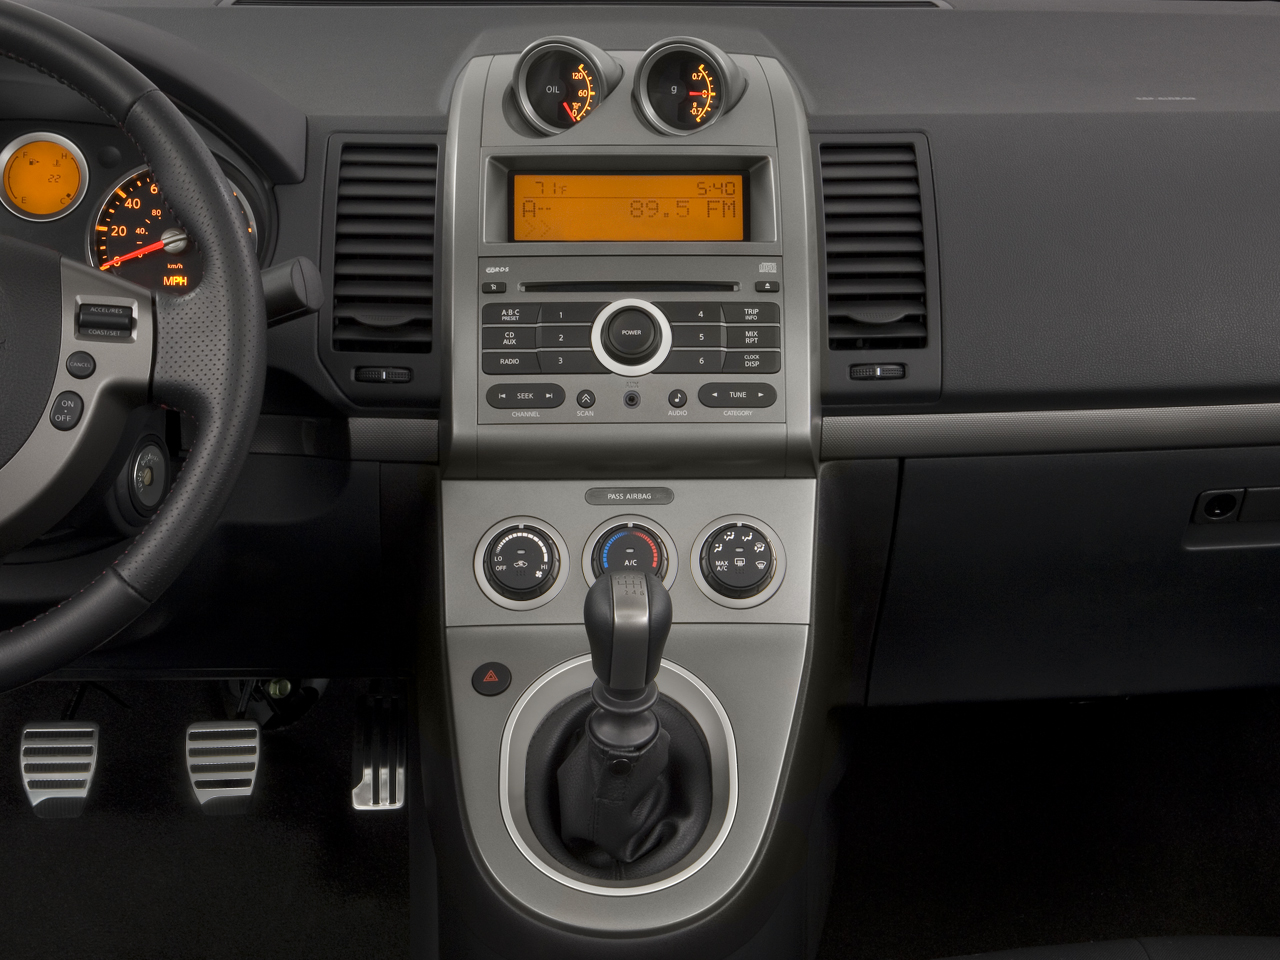 2007 nissan sentra 2006 detroit auto show automobile magazine rh automobilemag com nissan sentra 2006 manual de usuario nissan sentra 2006 manual guide